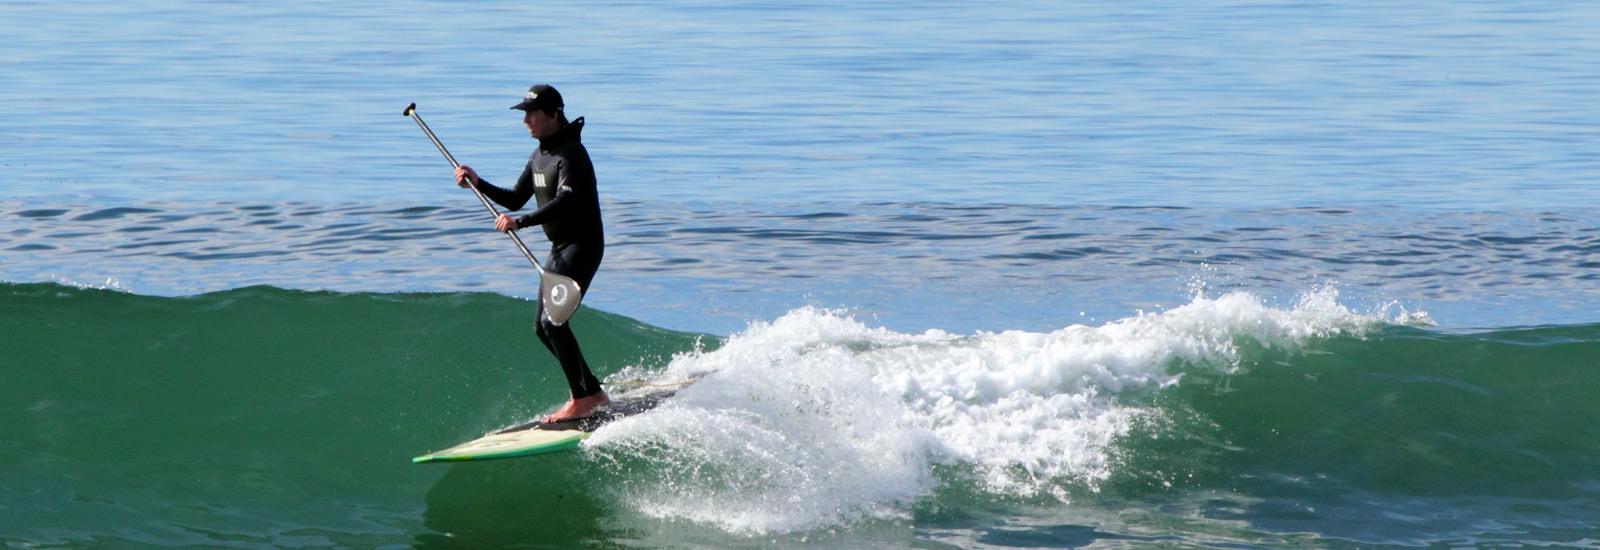 Yorkshire surfing at the Raithwaite Estate